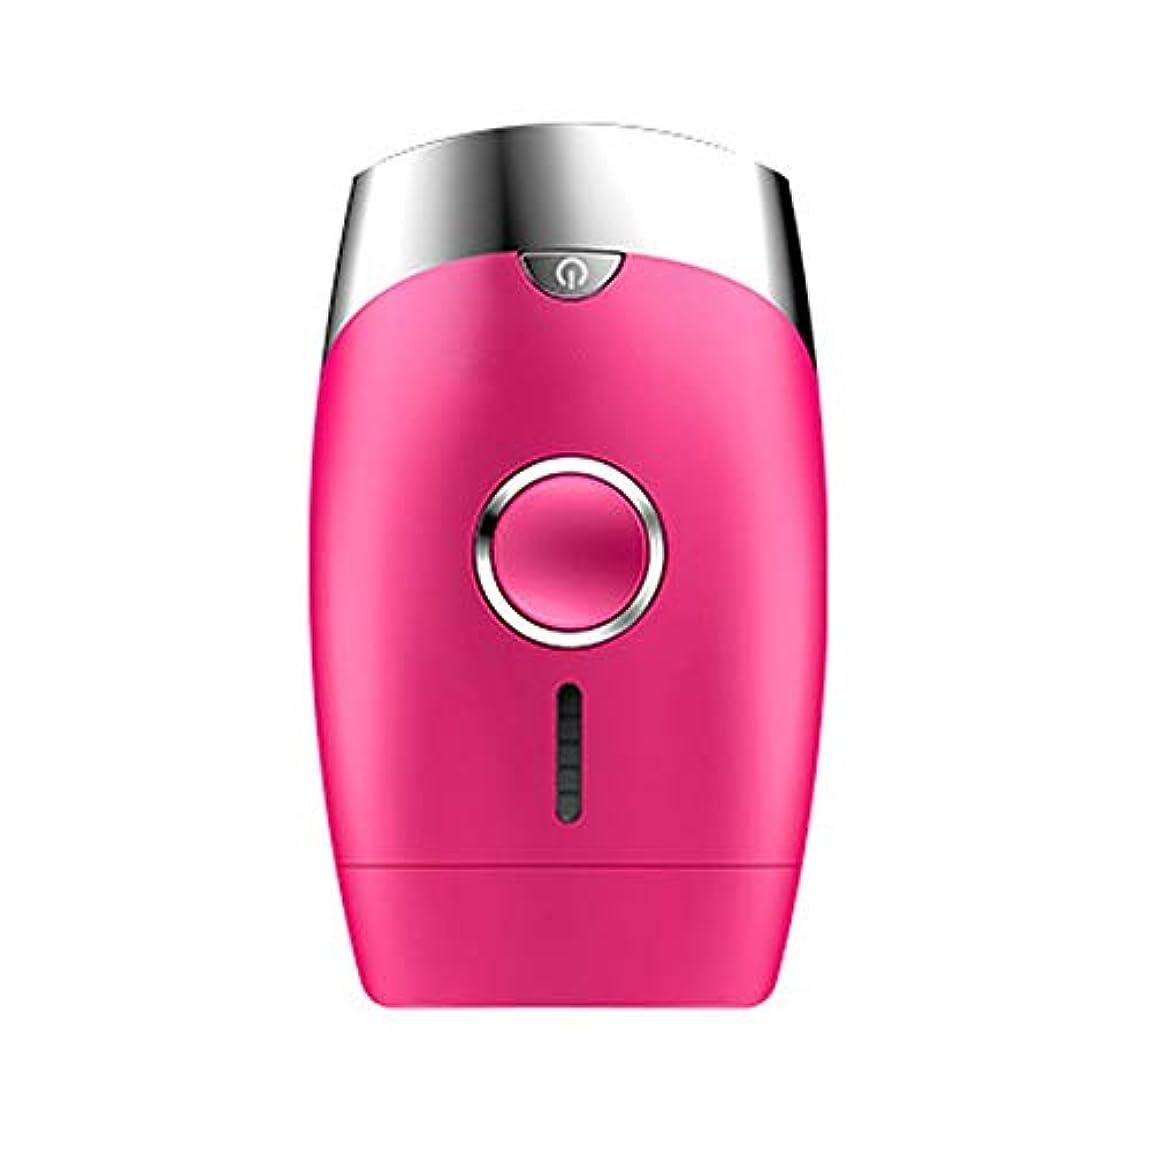 ライオンピアニスト翻訳ピンク、5スピード調整、インテリジェント家庭用痛みのない凝固点ヘアリムーバー、シングルフラッシュ/連続フラッシュ、サイズ13.9 X 8.3 X 4.8 Cm 髪以外はきれい (Color : Pink)